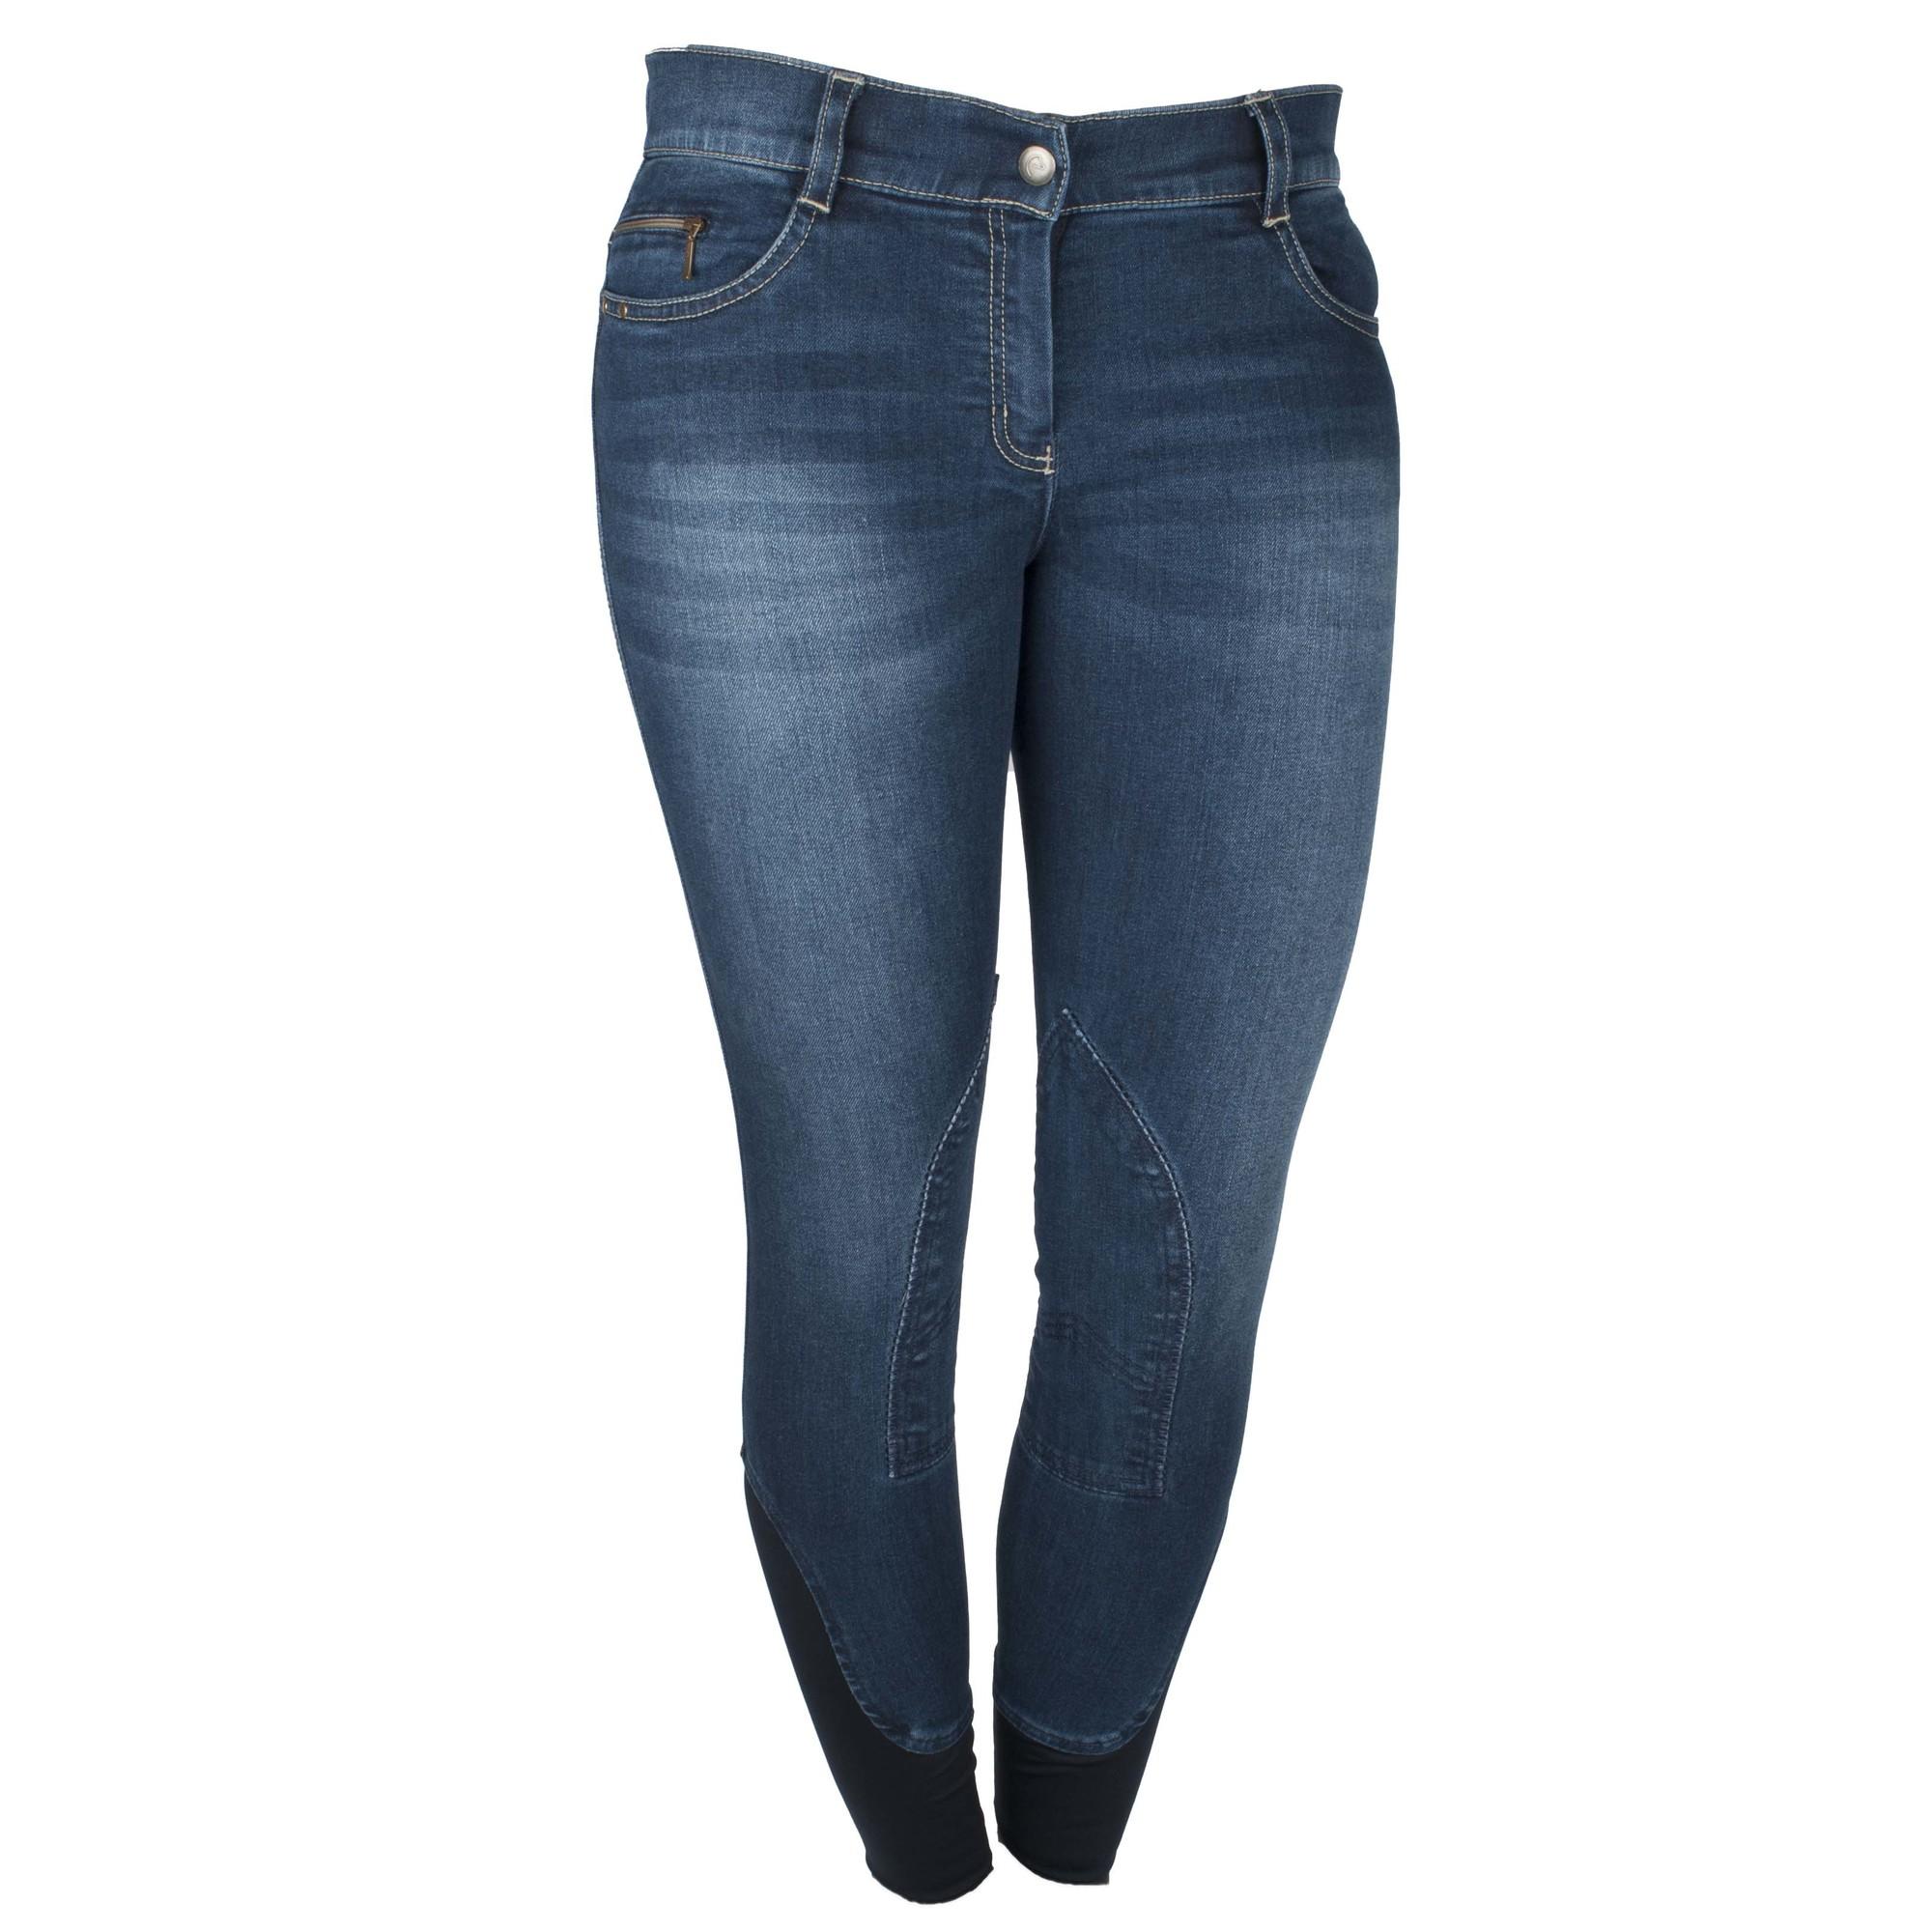 Equitheme Texas jeans rijbroek donkerblauw maat:38